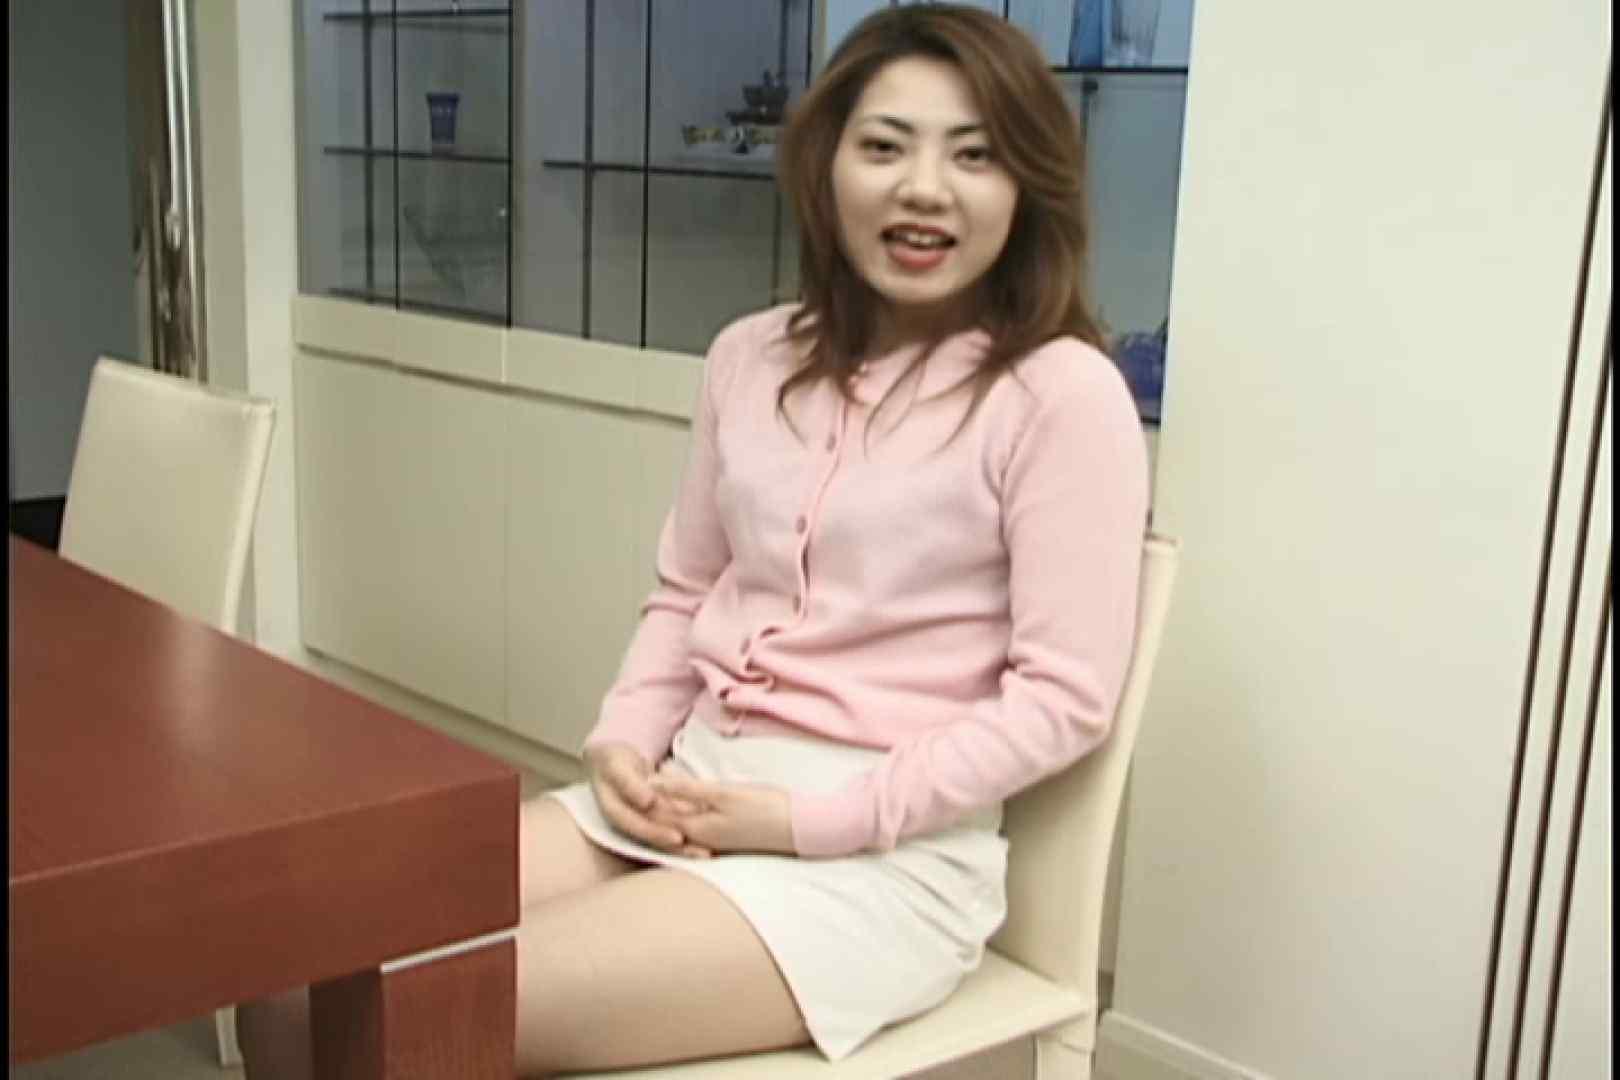 欲求不満の人妻がエロいフェラで男を虜に~川本亜矢子~ 熟女  103連発 16